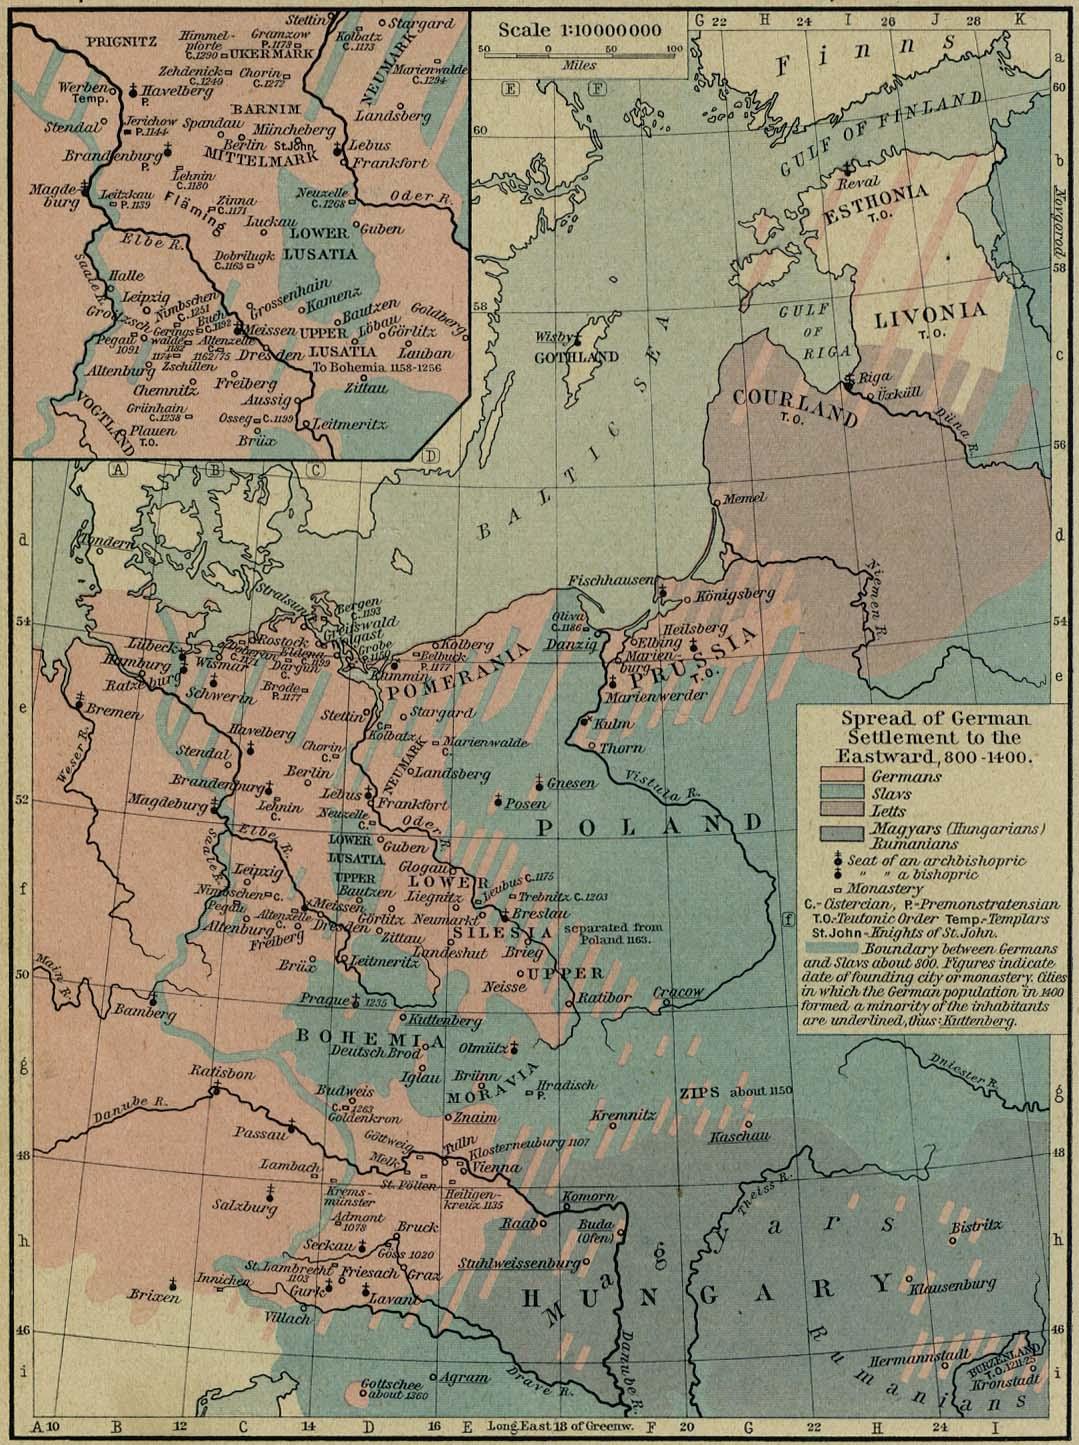 Avance de los asentamientos Germánicos hacia el Este 800-1400